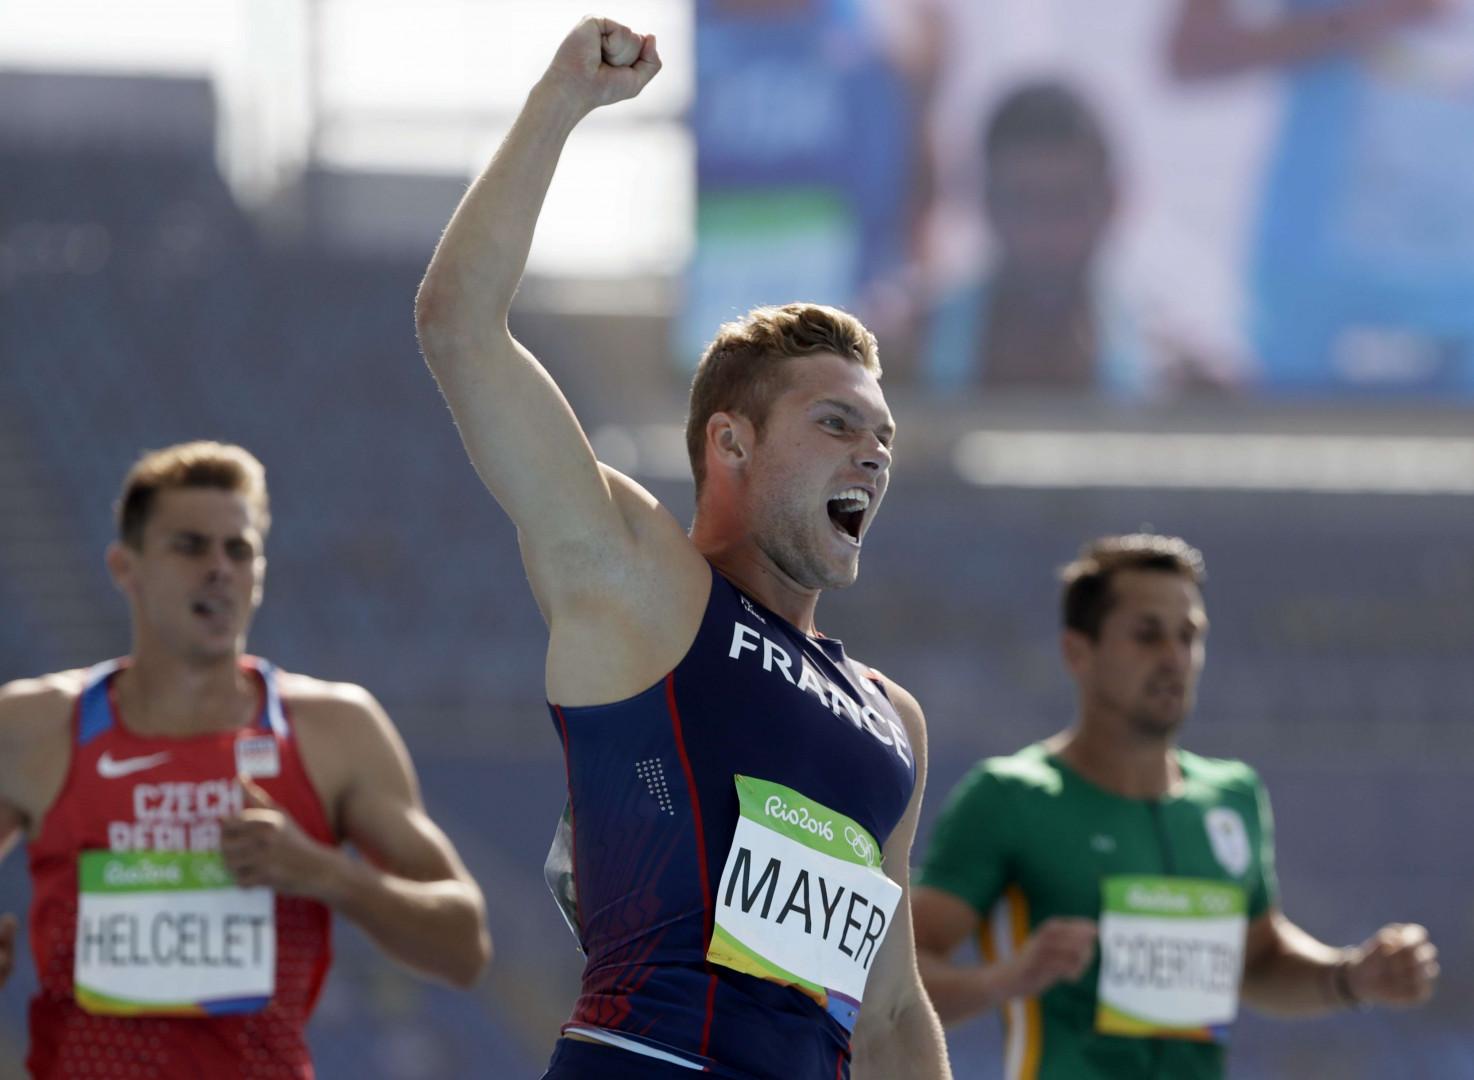 Kévin Mayer le poing levé après sa 4e place au 100m du décathlon.